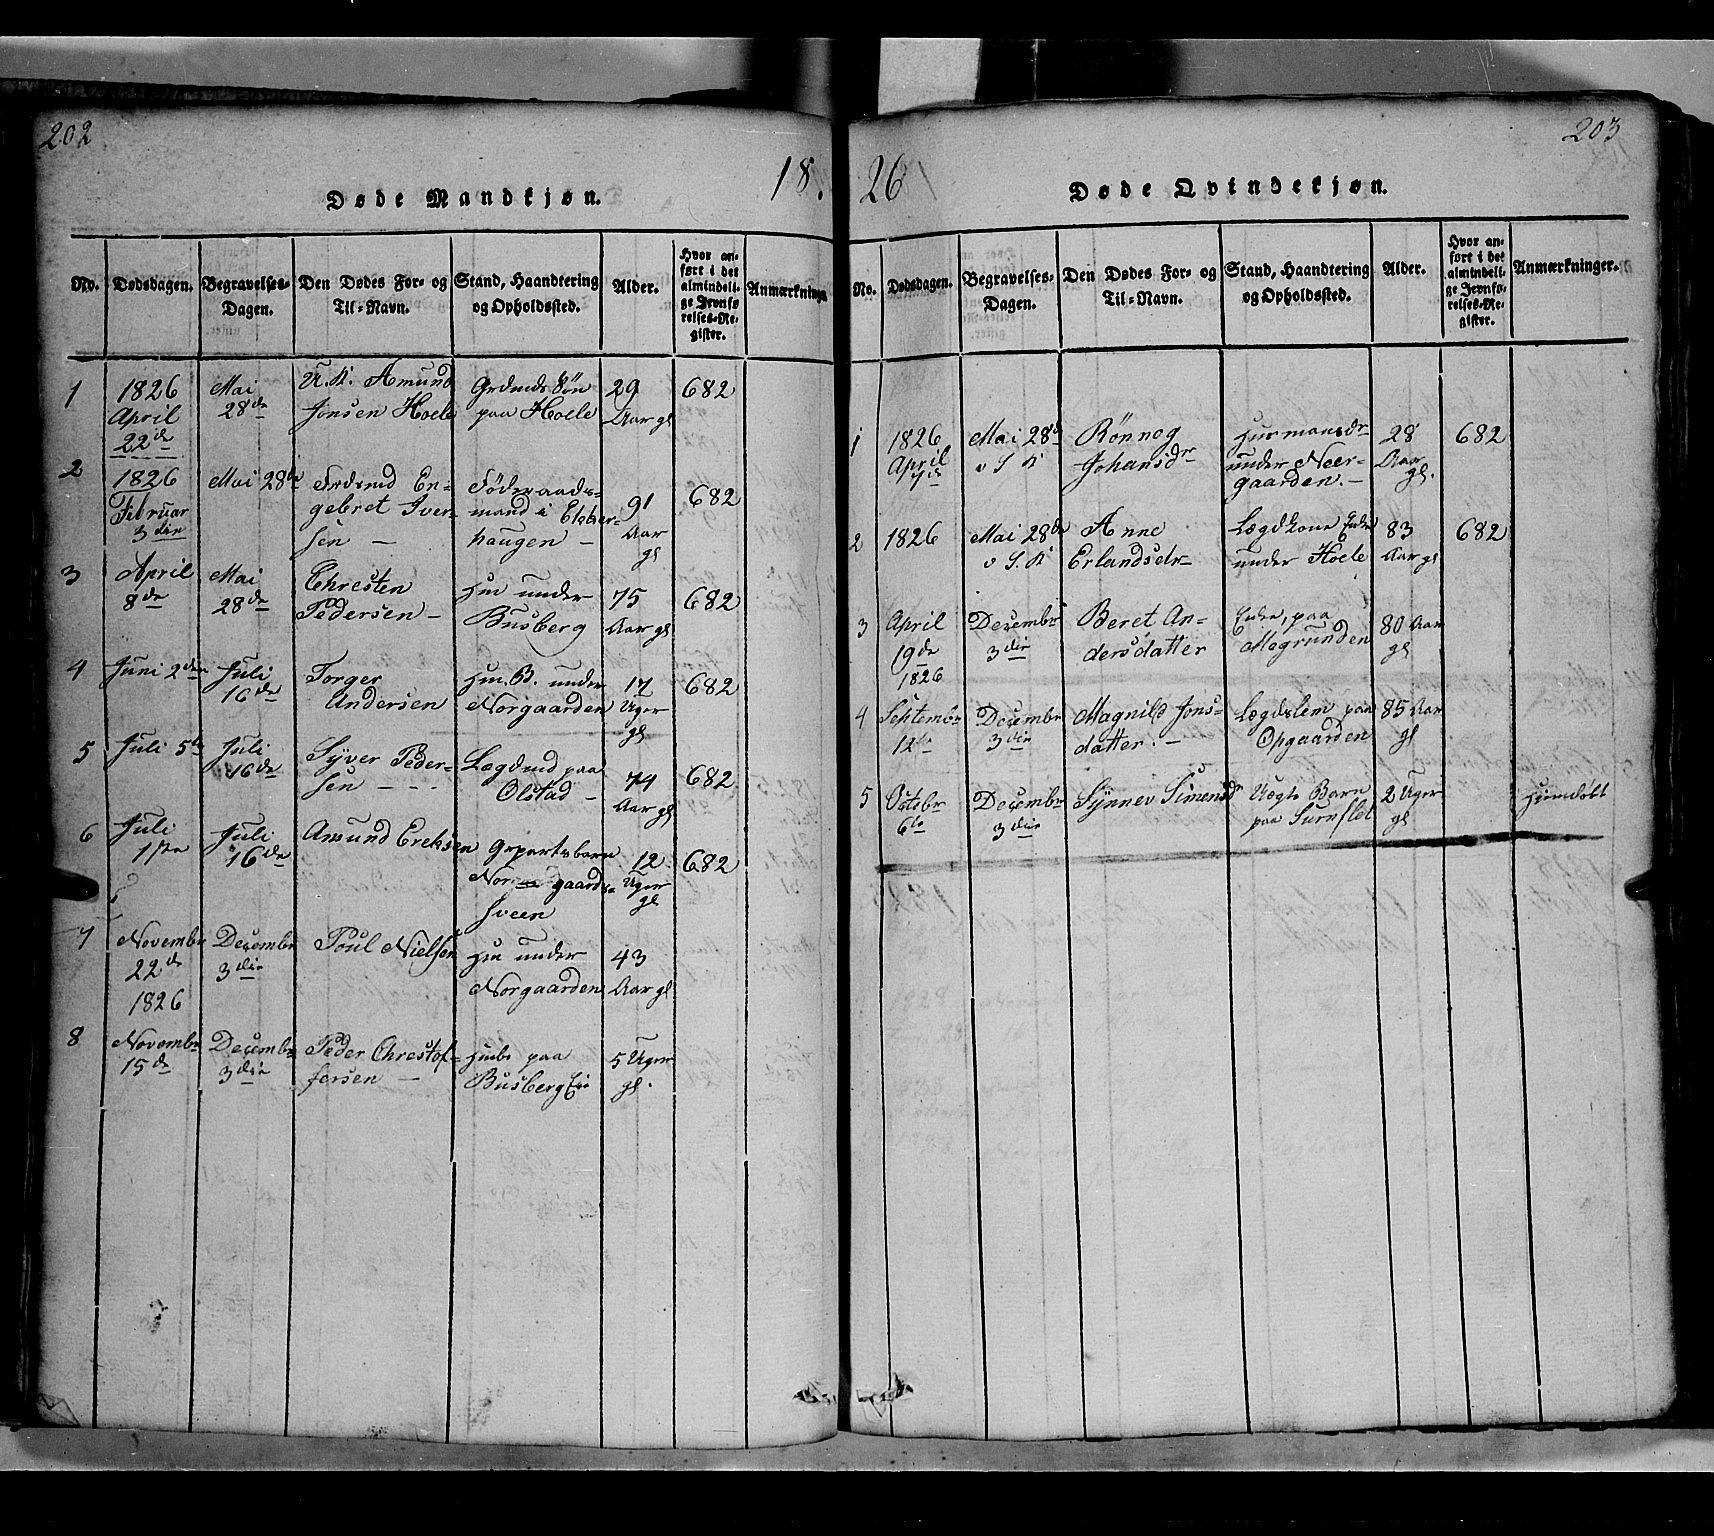 SAH, Gausdal prestekontor, Klokkerbok nr. 2, 1818-1874, s. 202-203